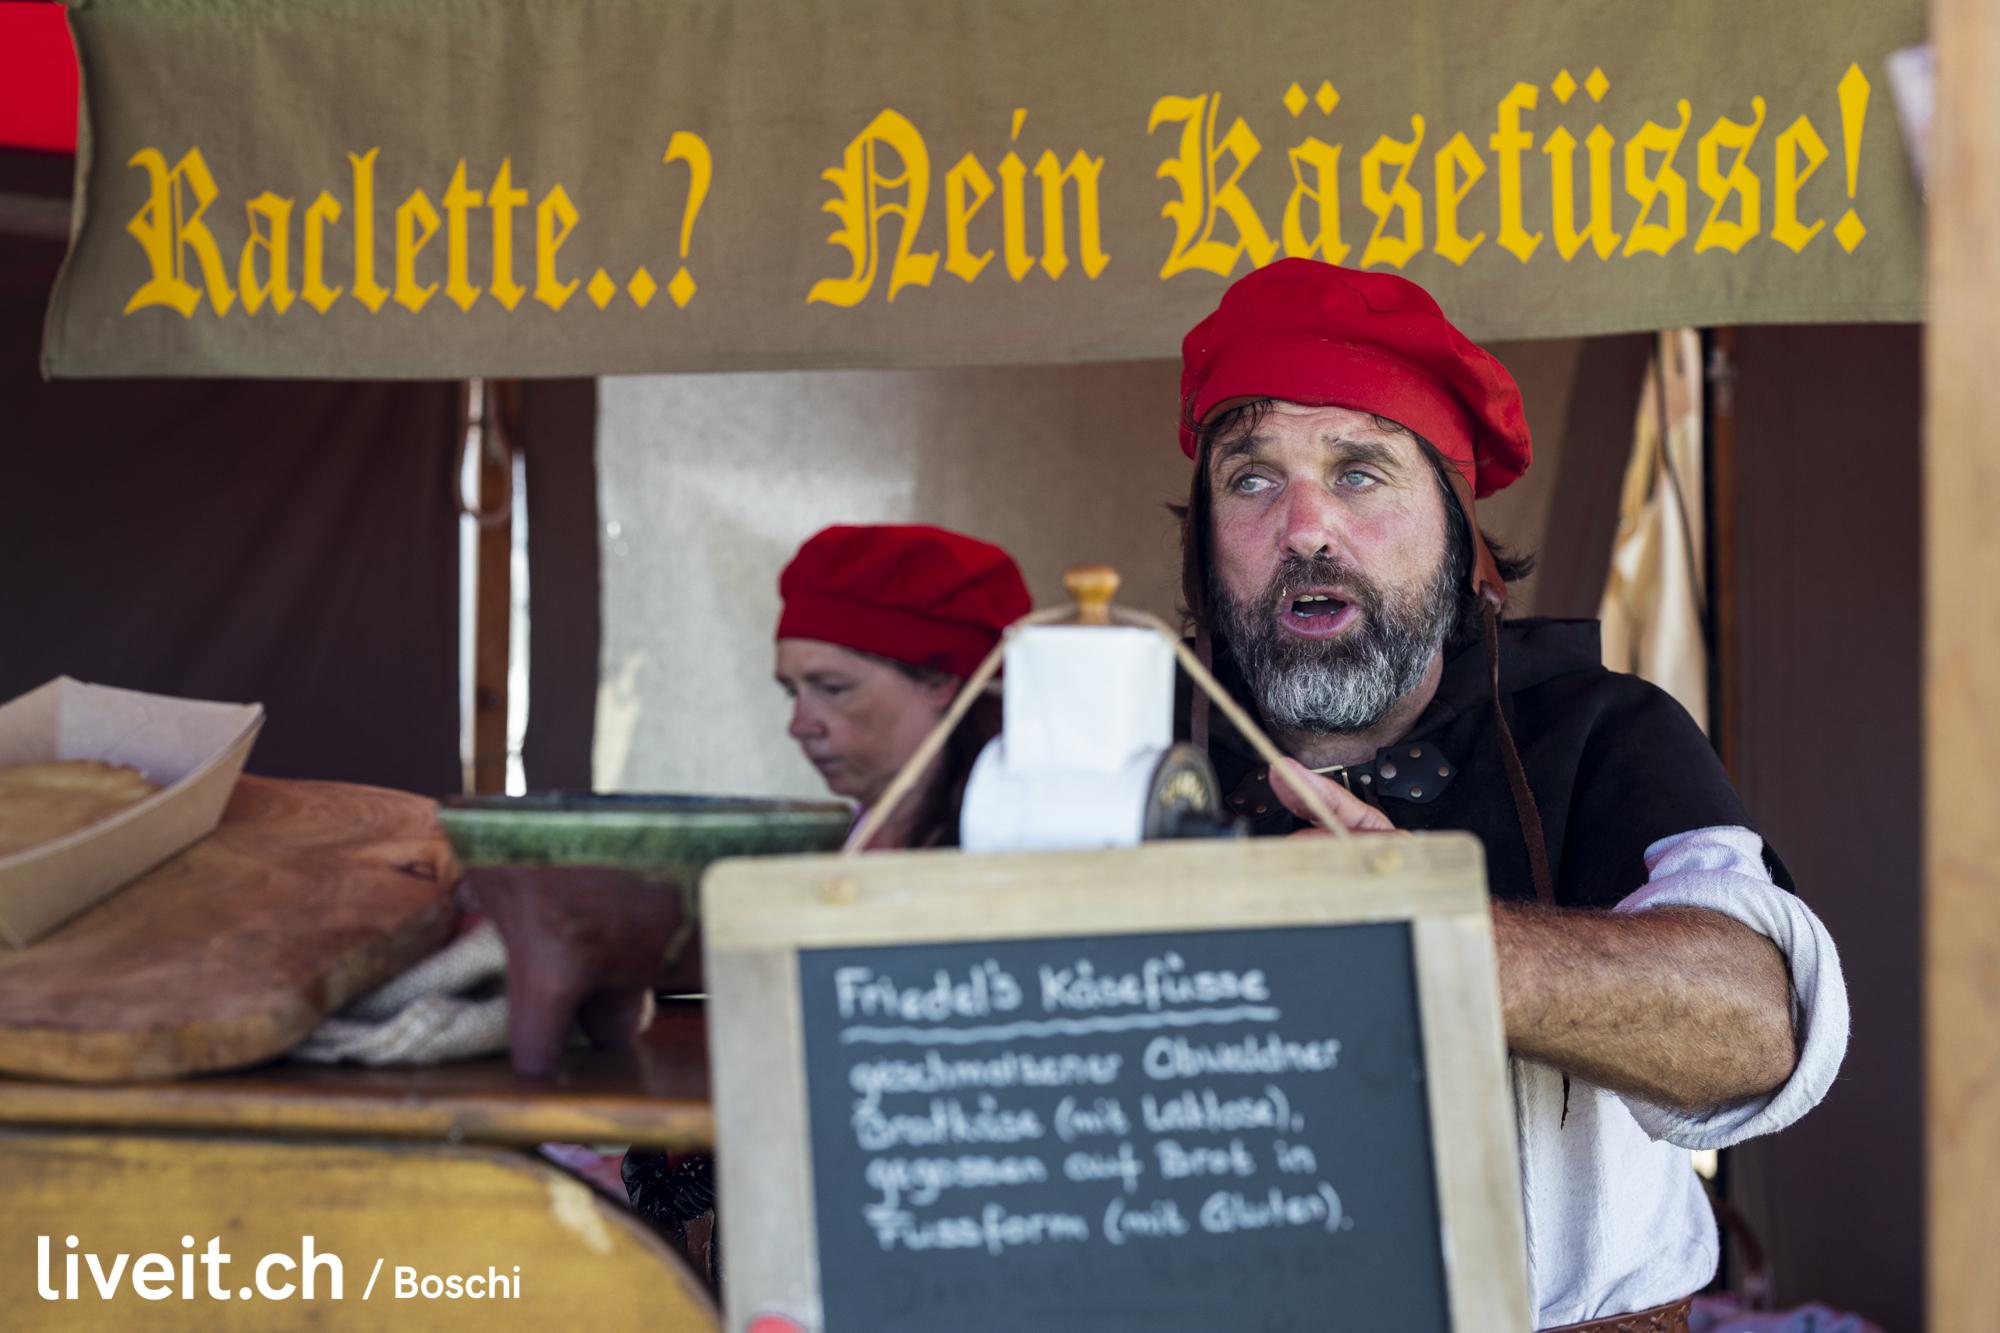 Mittelalterfest Kiesen 2019 (liveit.ch/boschi)